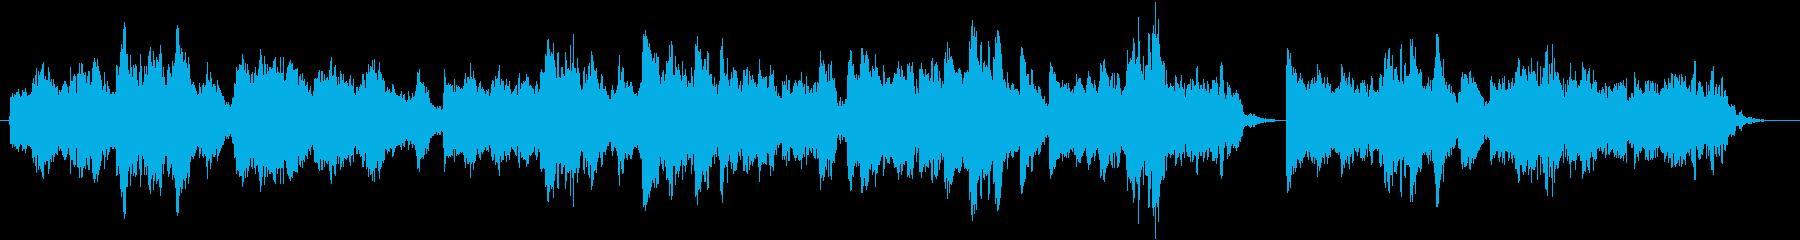 荘厳な教会で歌われるボーイソプラノの再生済みの波形